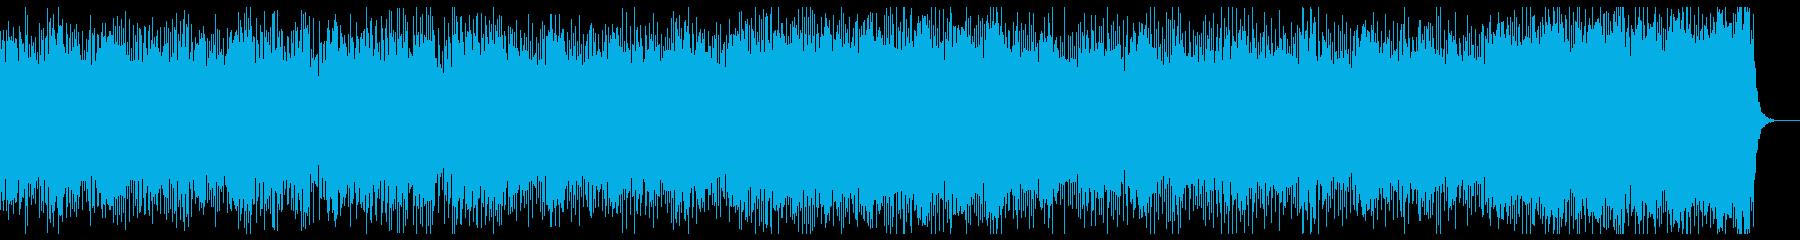 明るく軽やかな和風曲の再生済みの波形